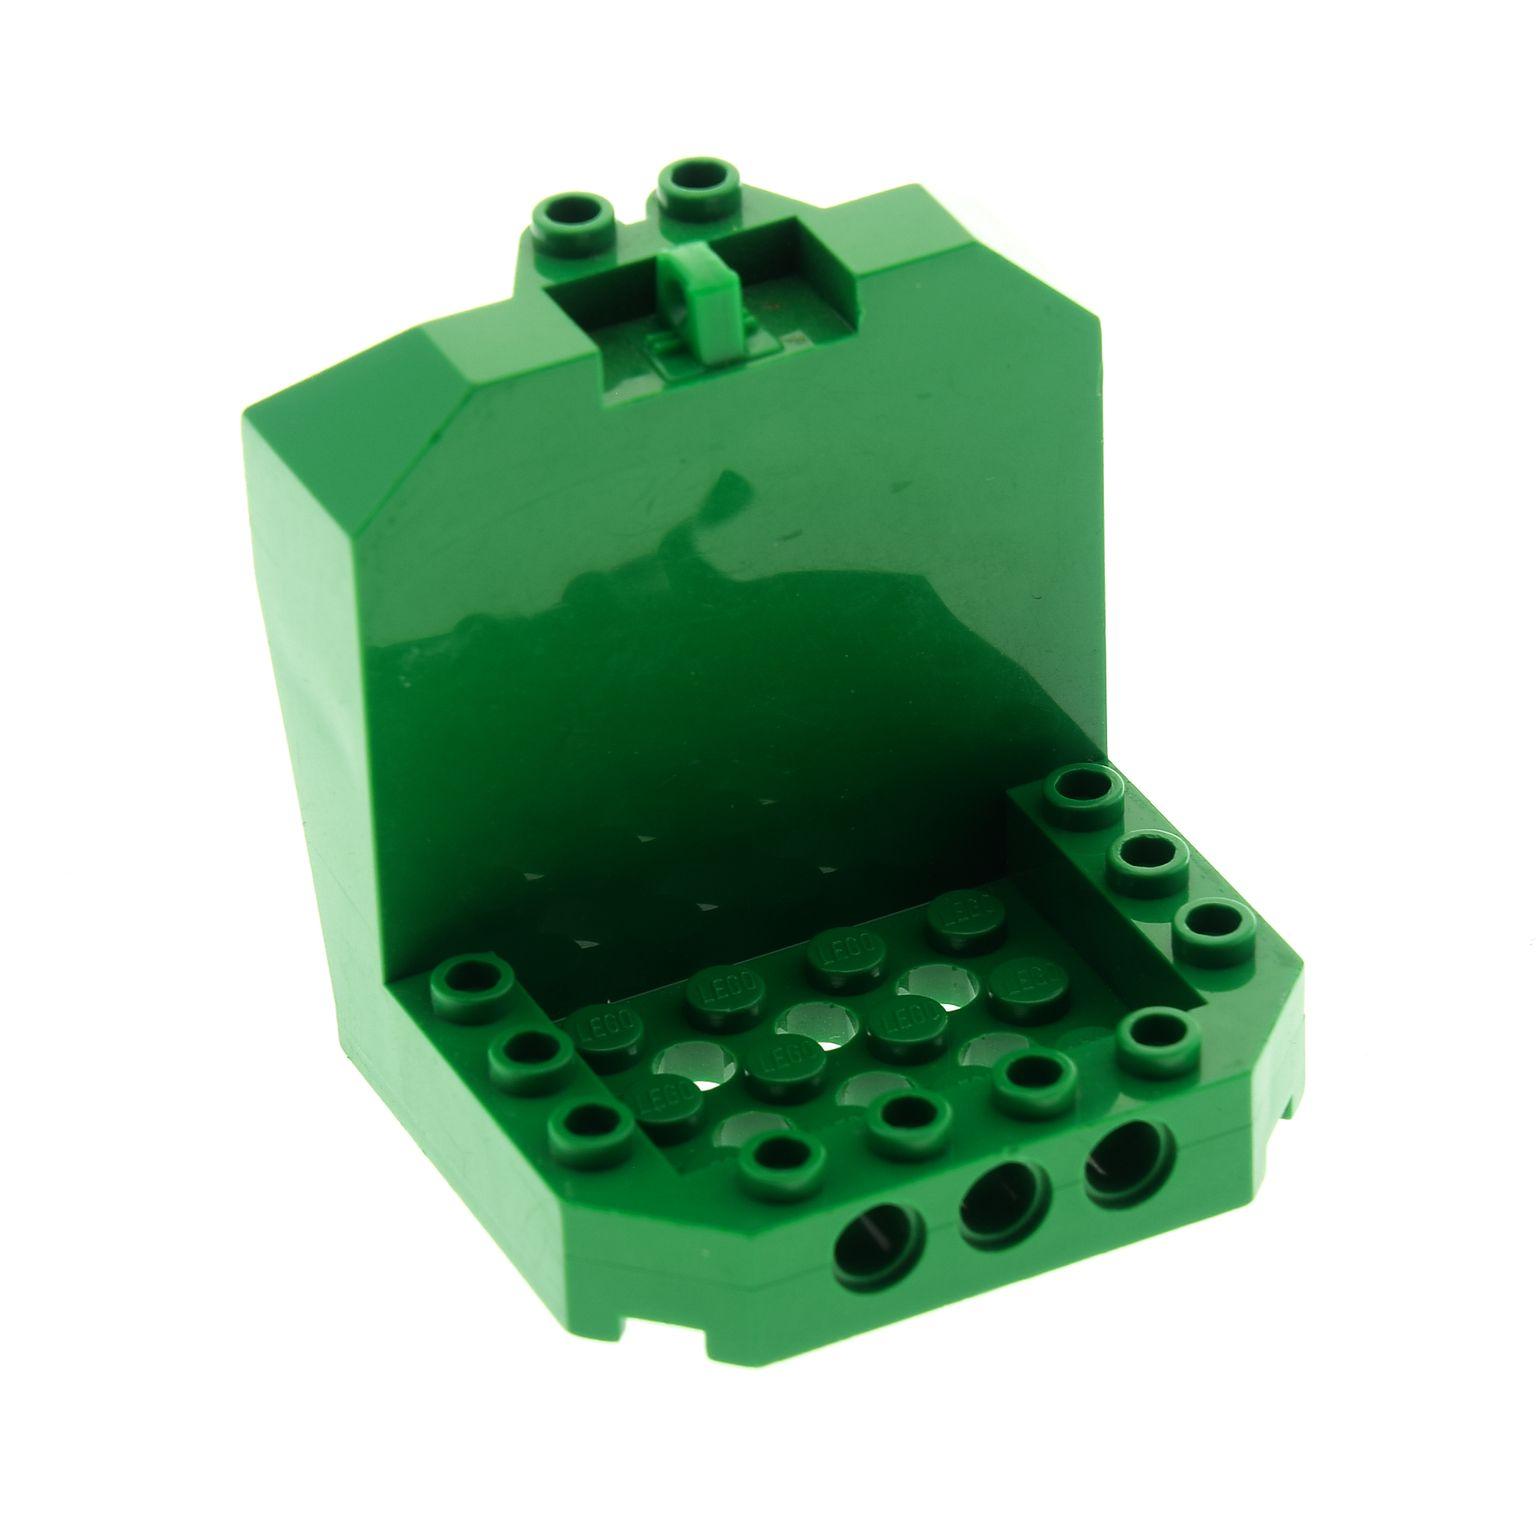 1 x Lego System Cockpit blau 11x4x2 Keil Schräg Negativ Stein Front Kanzel 6058 LEGO Bausteine & Bauzubehör LEGO Bau- & Konstruktionsspielzeug